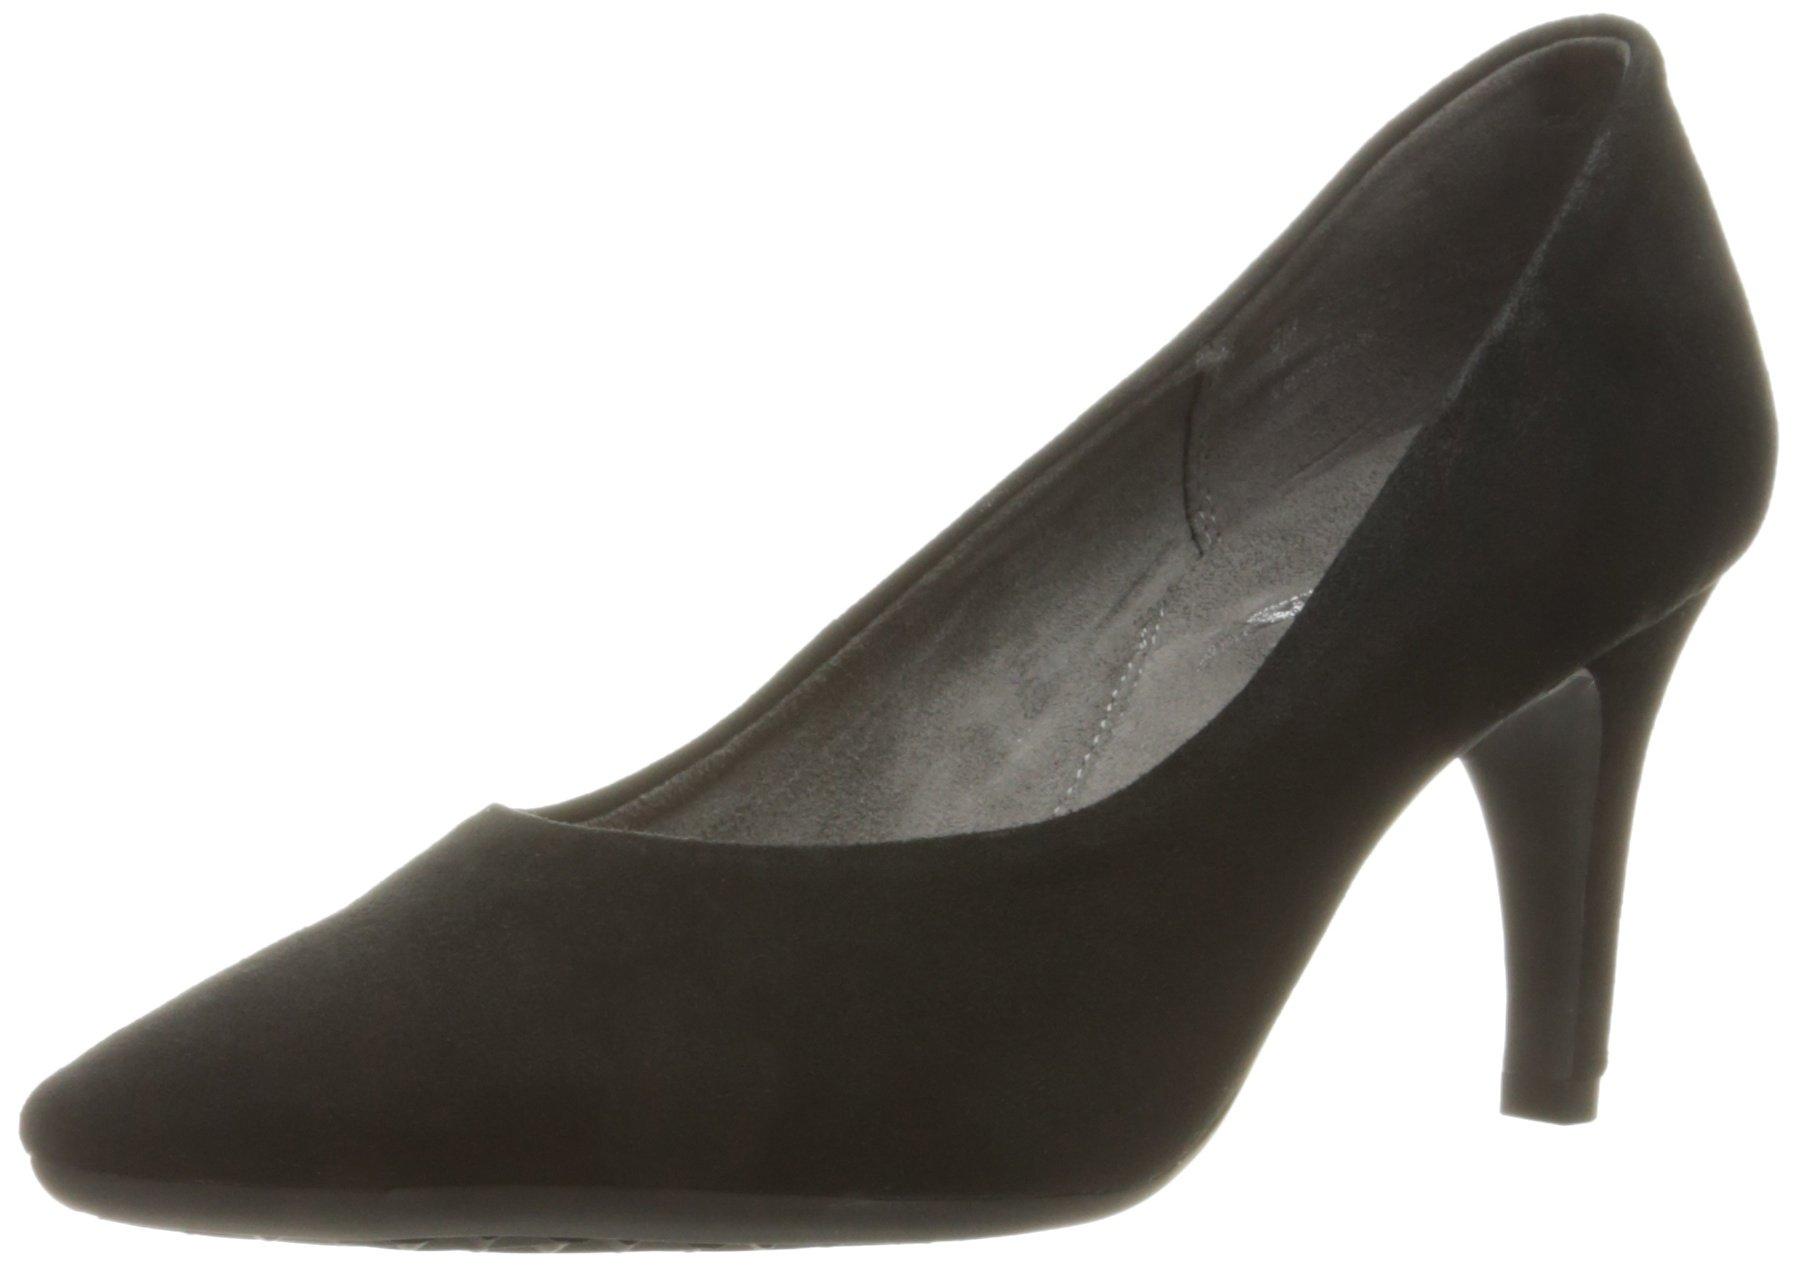 Aerosoles Women's Exquisite Dress Pump, Black Suede, 12 M US